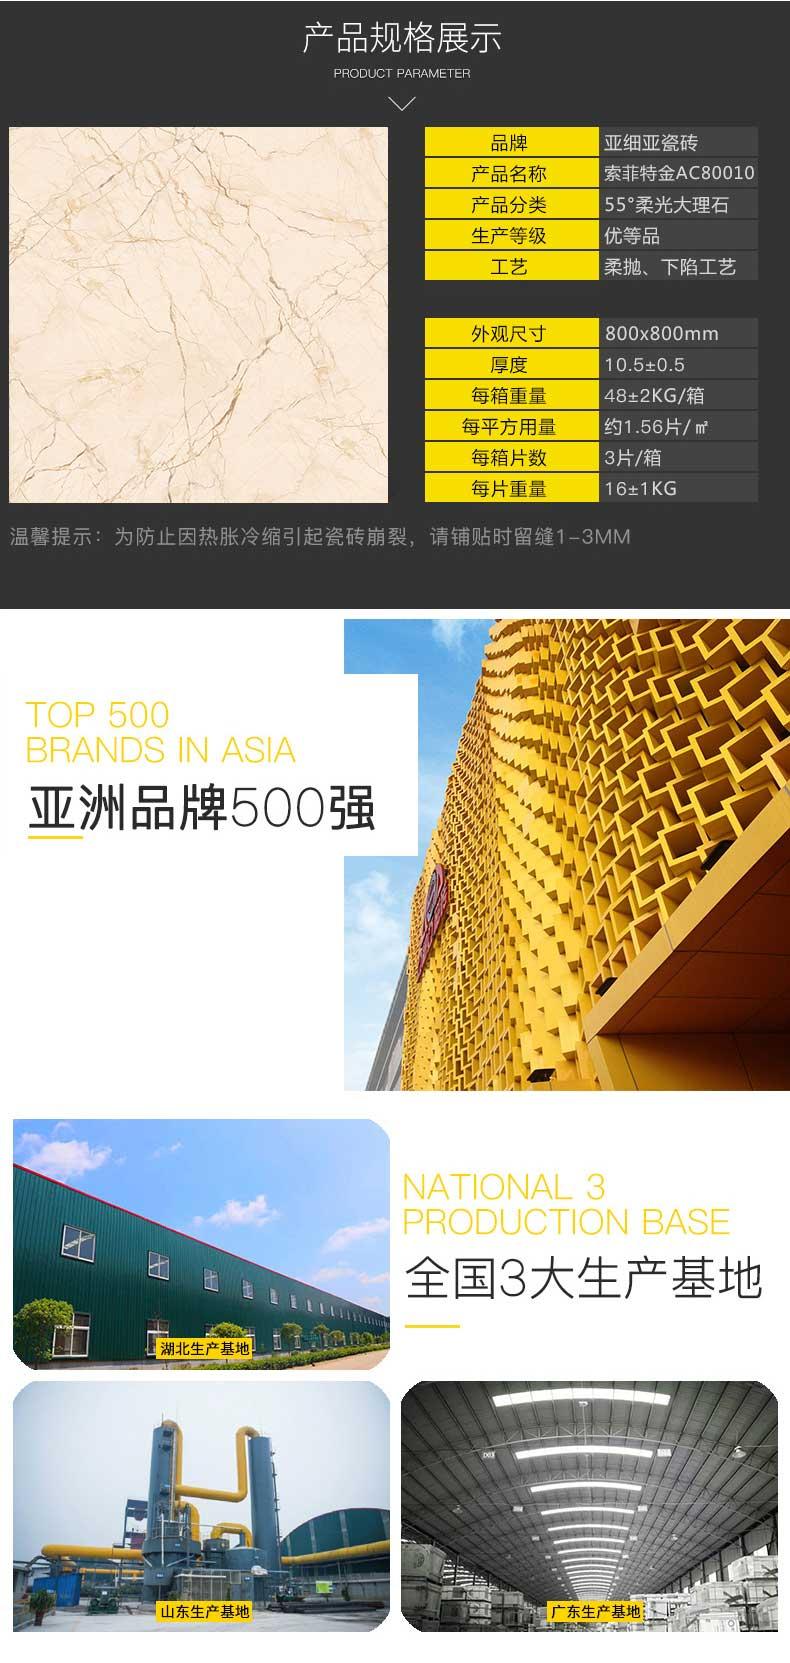 亚细亚瓷砖-55柔光大理石地砖-索菲特_05.jpg